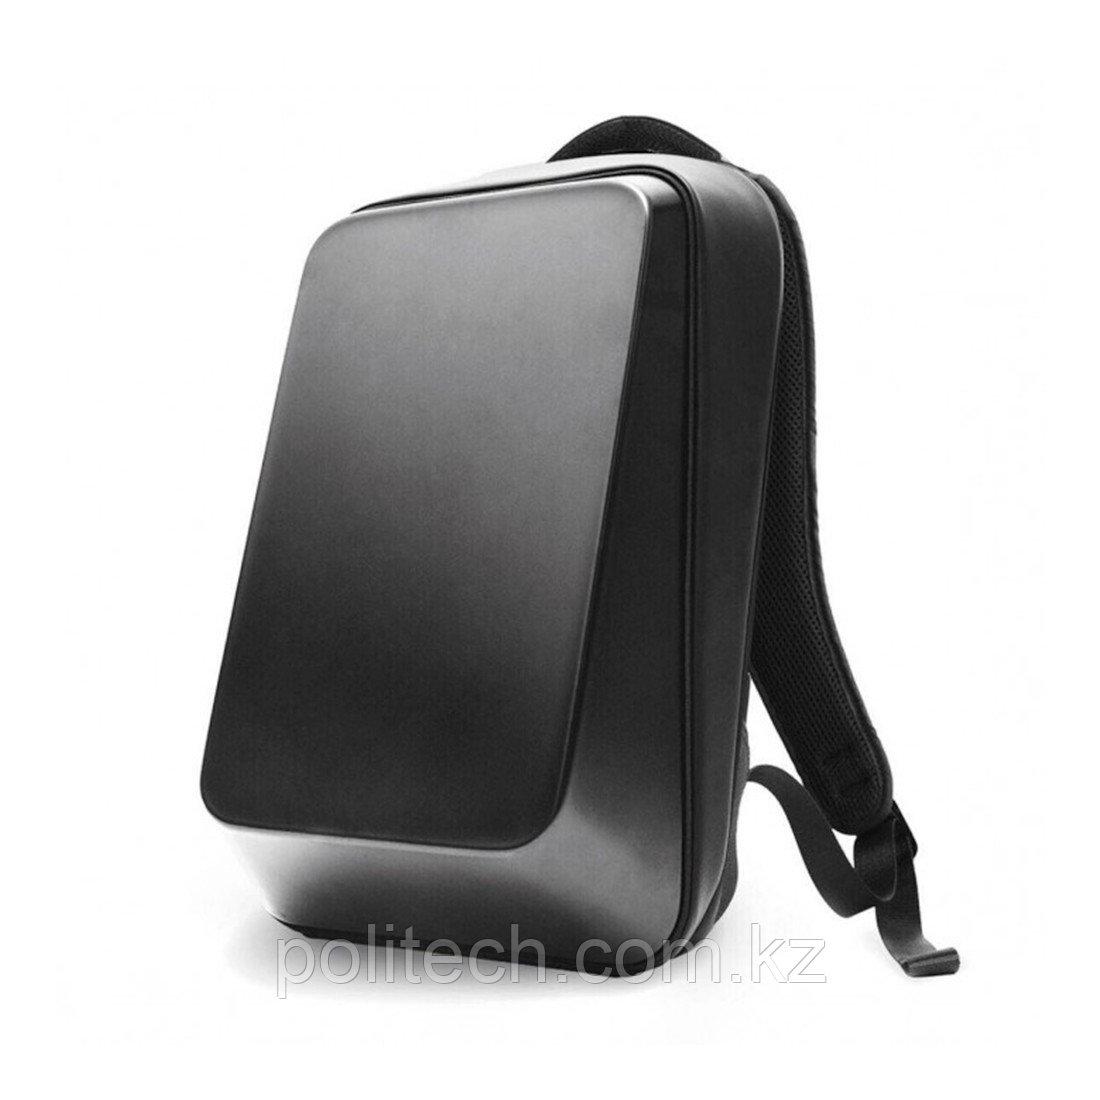 Рюкзак Xiaomi Detector BEABORN Polyhedron Shoulder Bag Черный